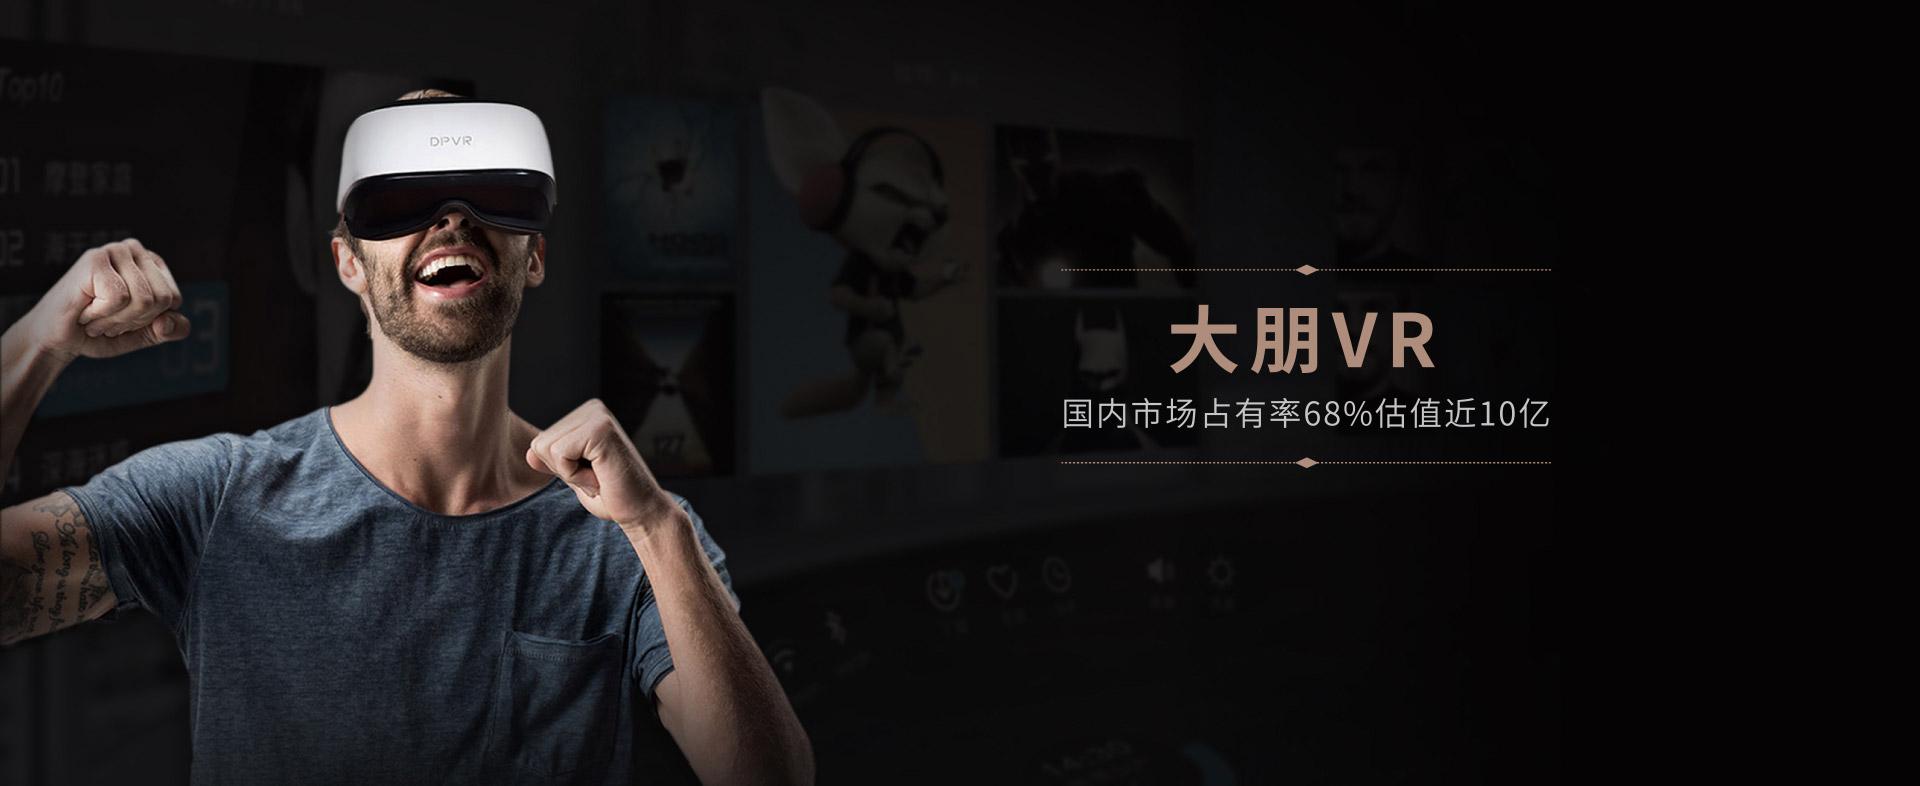 广东卫士品牌策划公司:成功逆袭排名从20到锁定收视率前4强